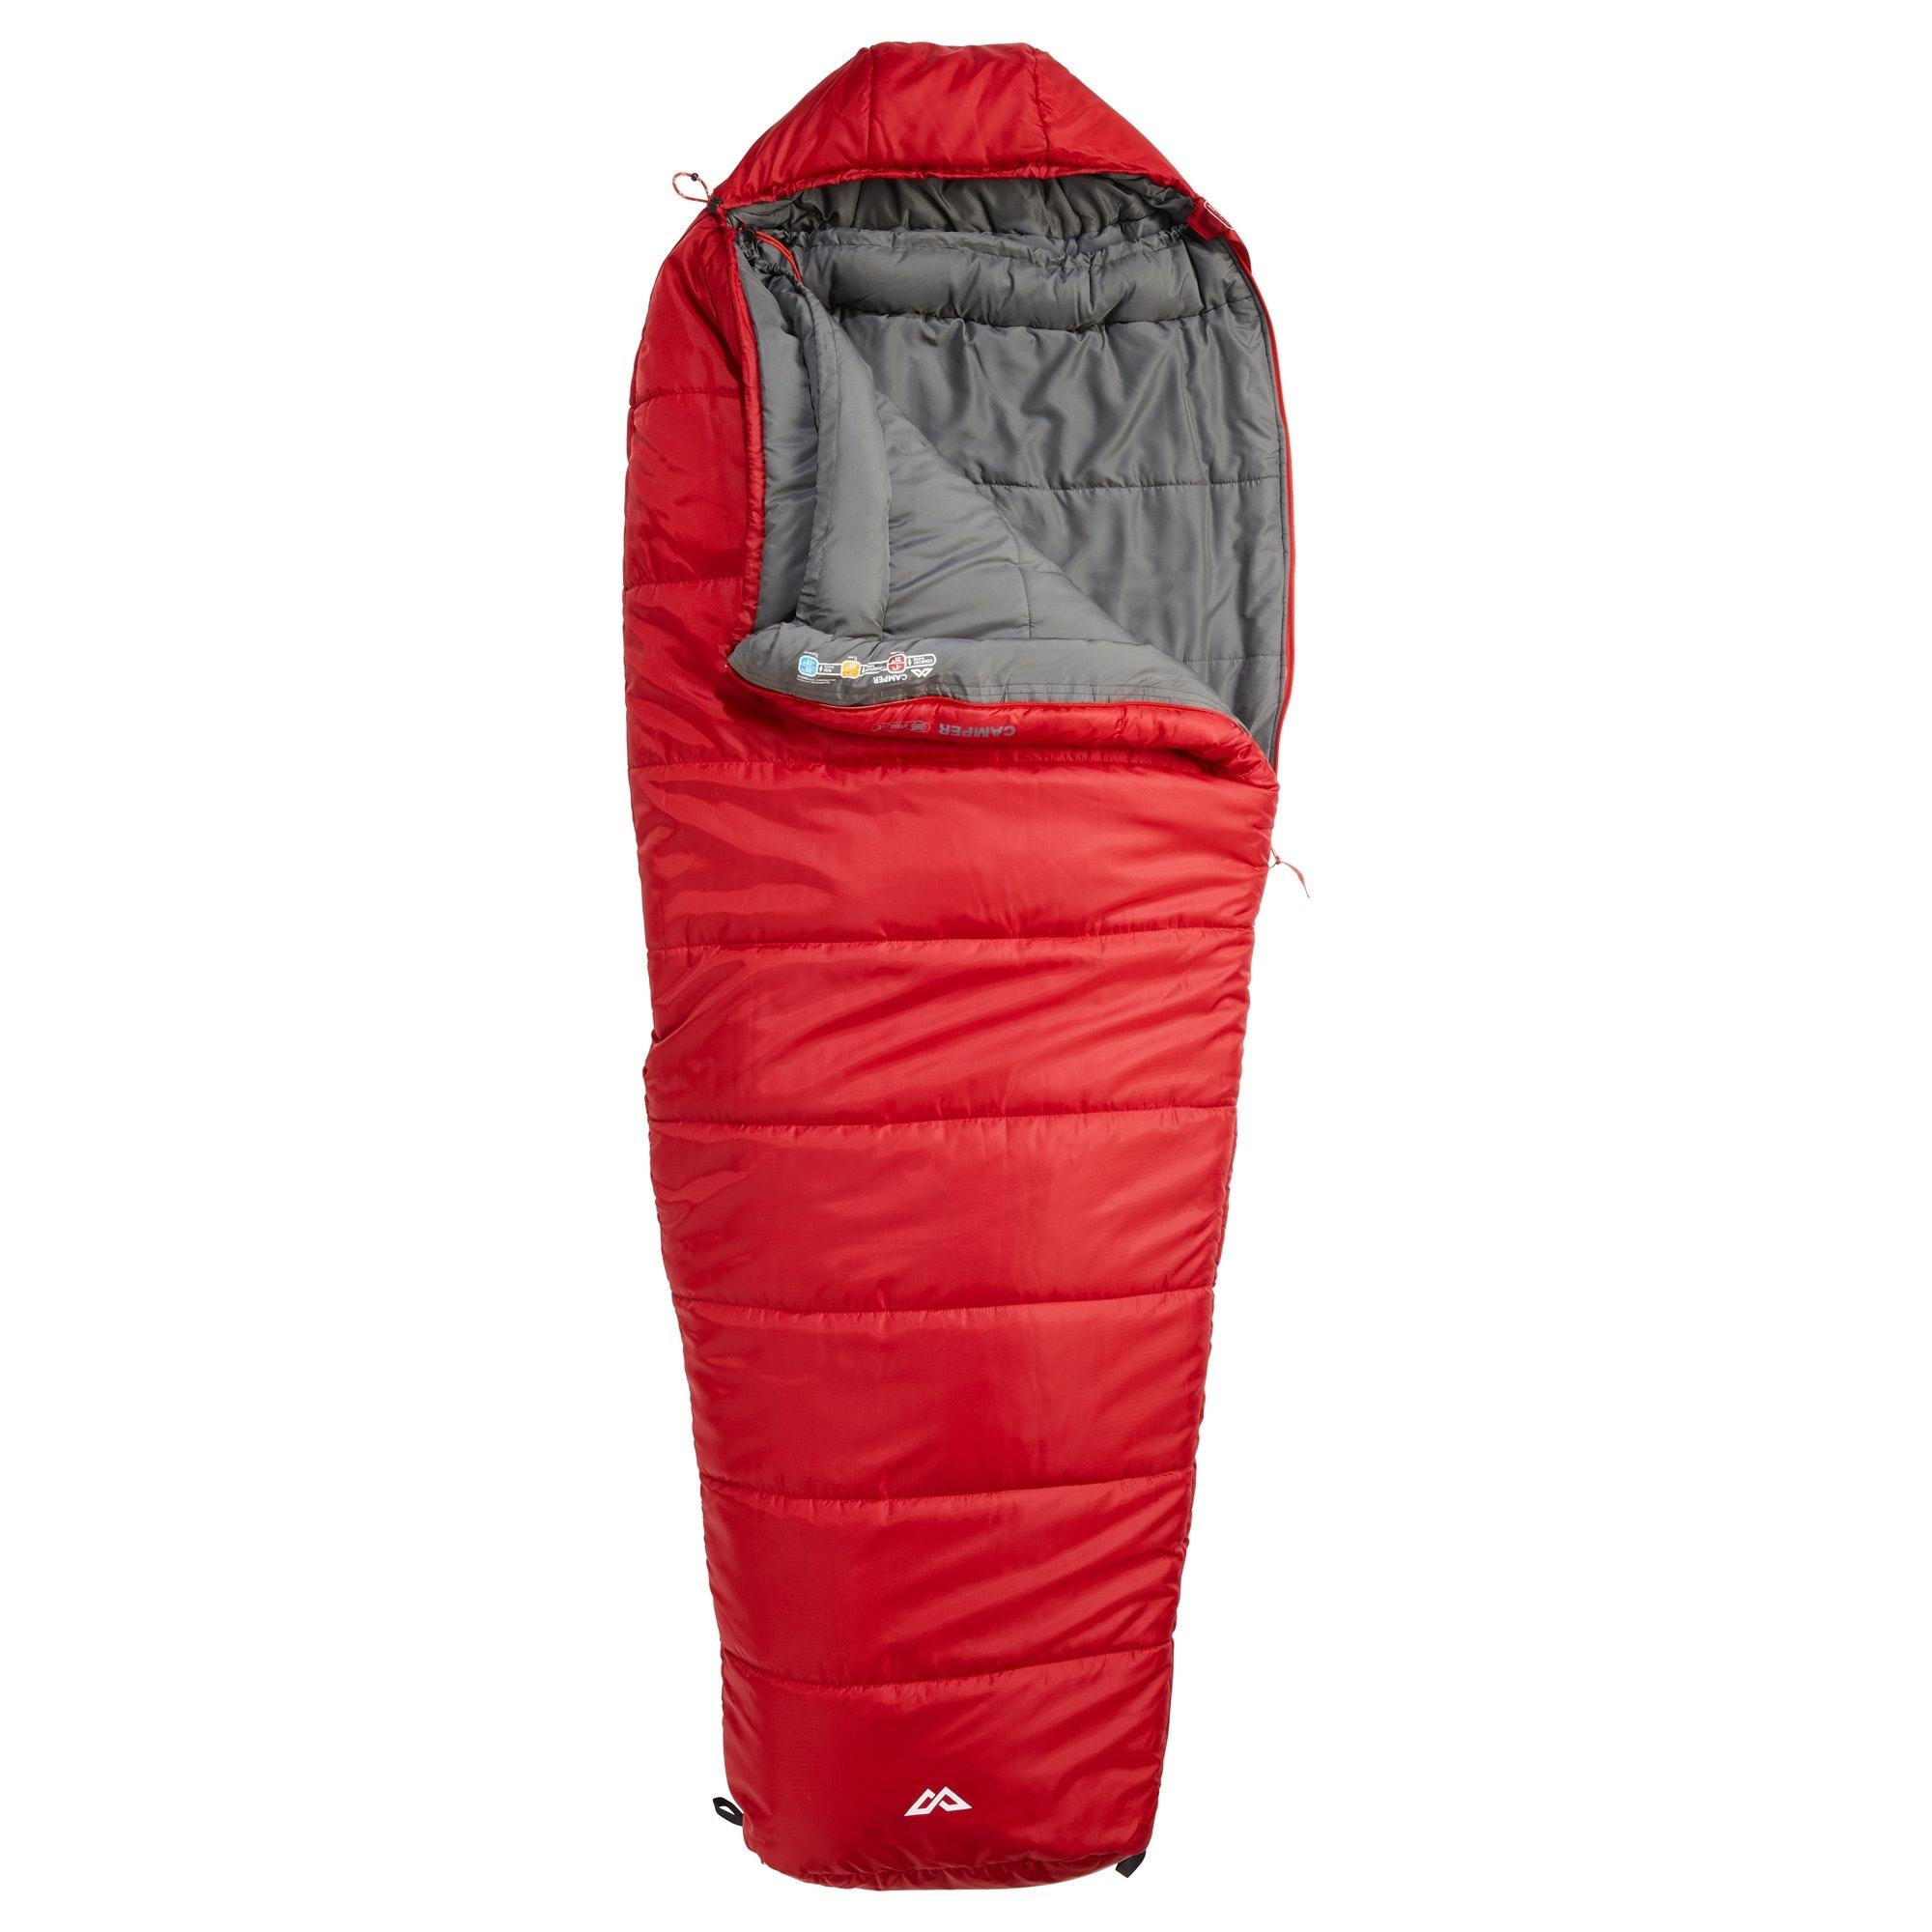 Camper insuLITE Sleeping Bag